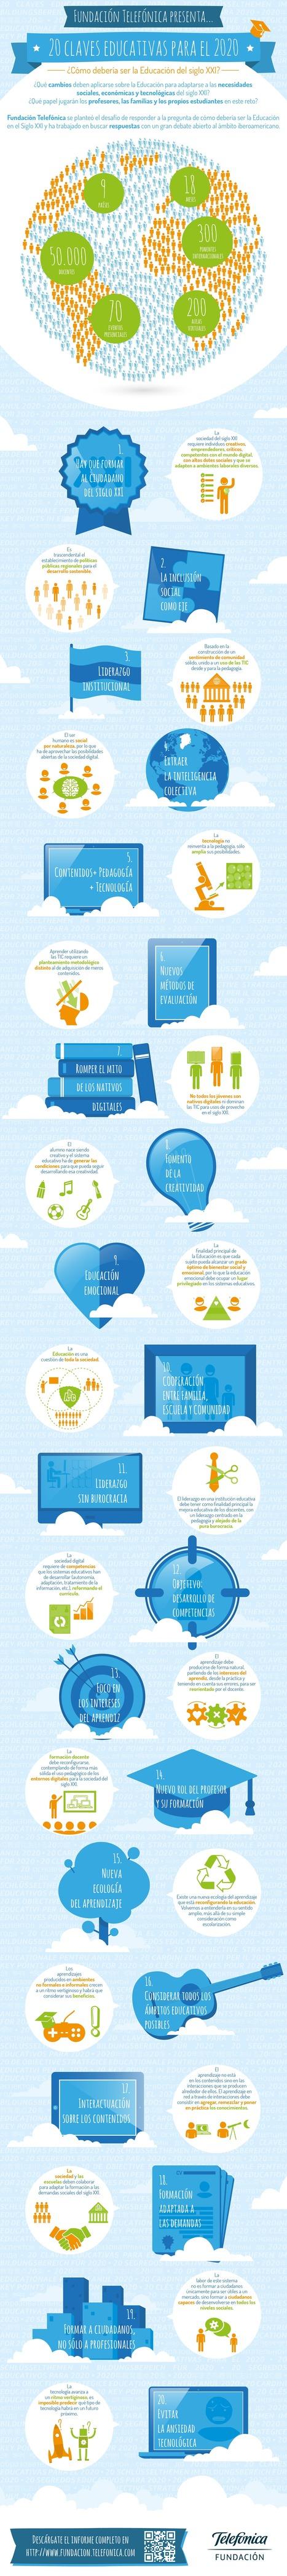 20 claves educativas para 2020 #infografia #infographic #education | Contenidos educativos digitales | Scoop.it